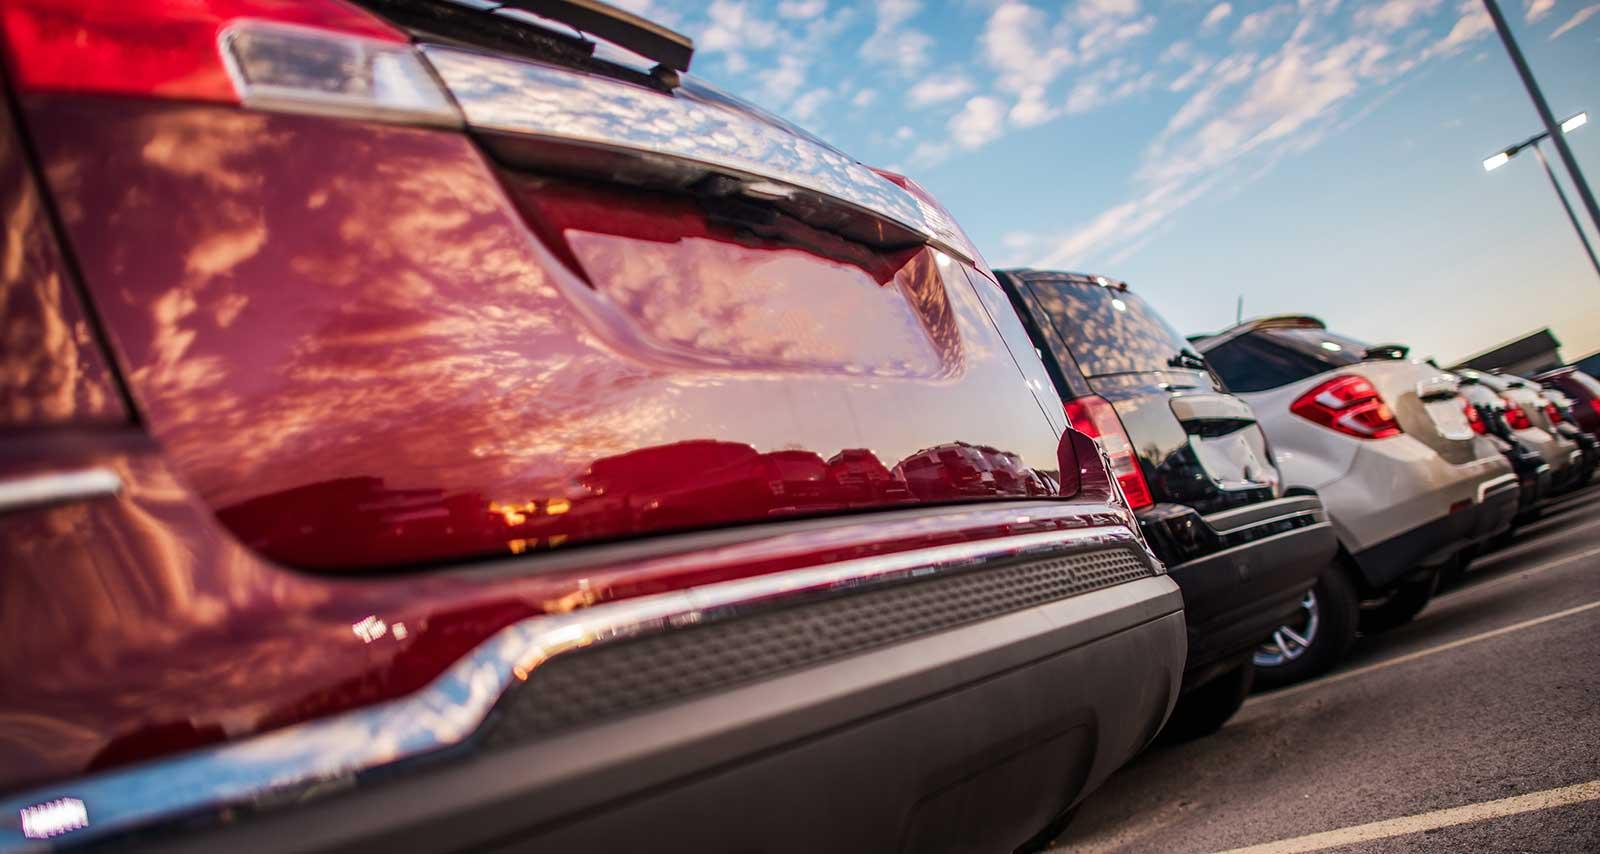 Große Auswahl an Fahrzeugen beim Auto-Abo von ViveLaCar.